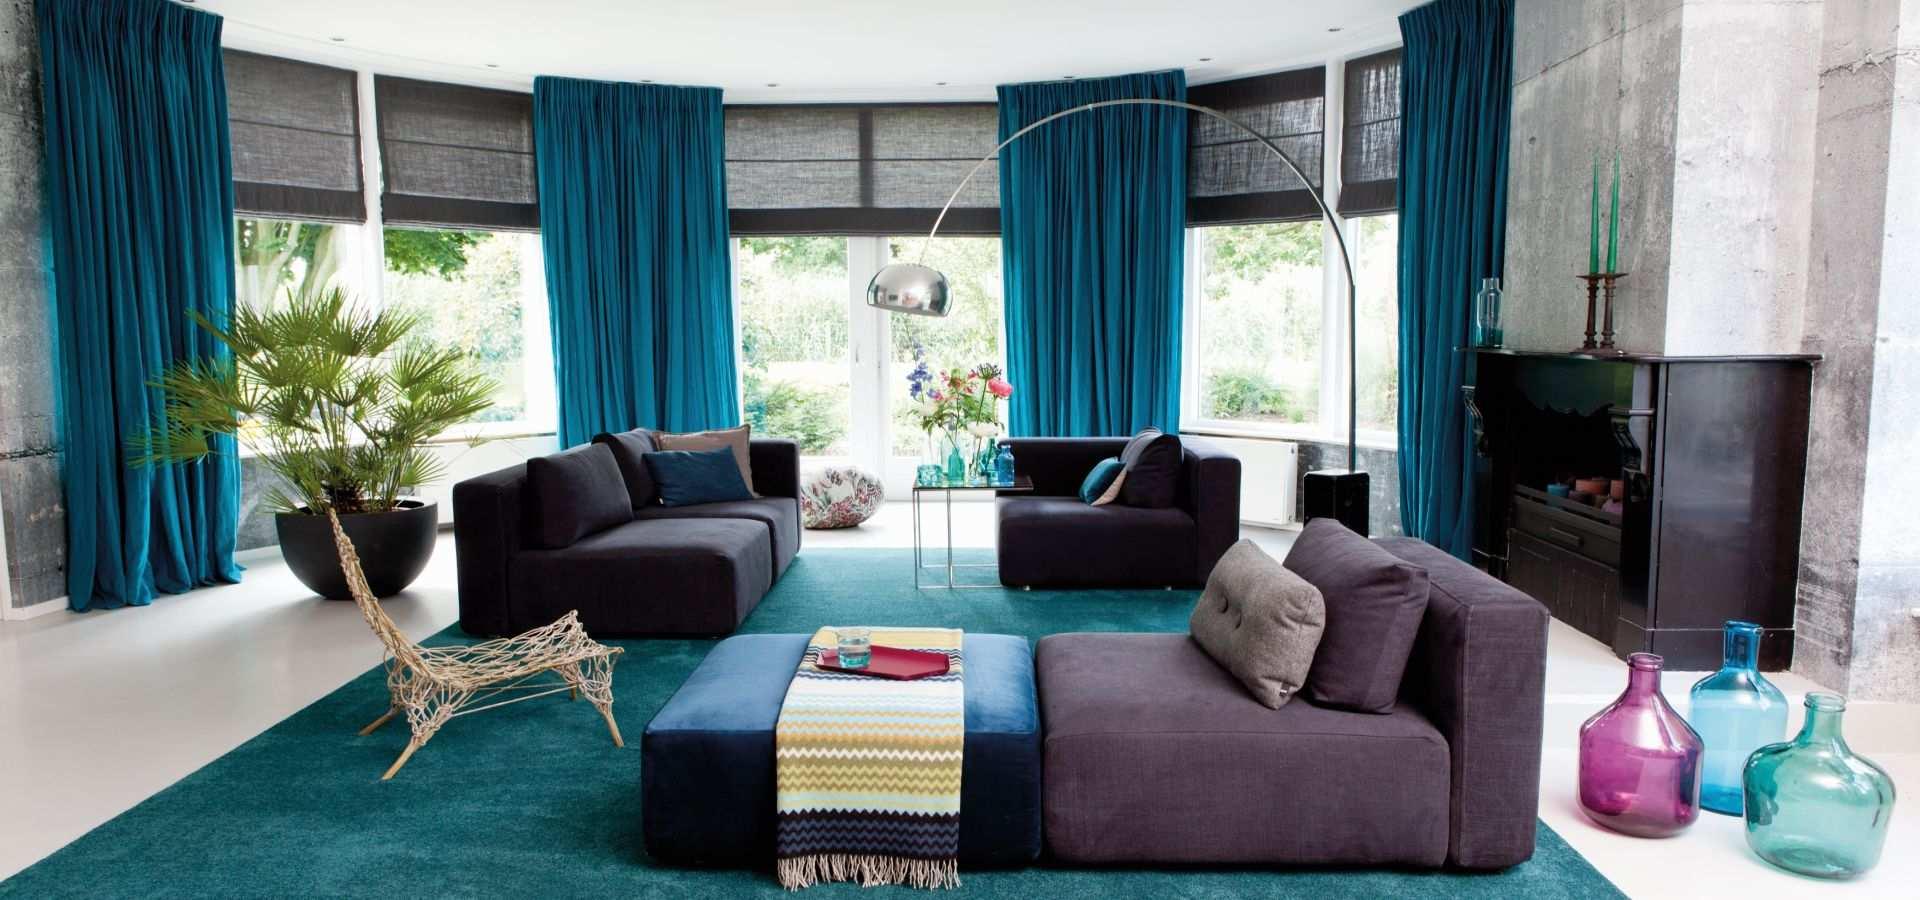 Bild Wohnzimmer modern Teppichboden Soft Touch türkis mit schwar